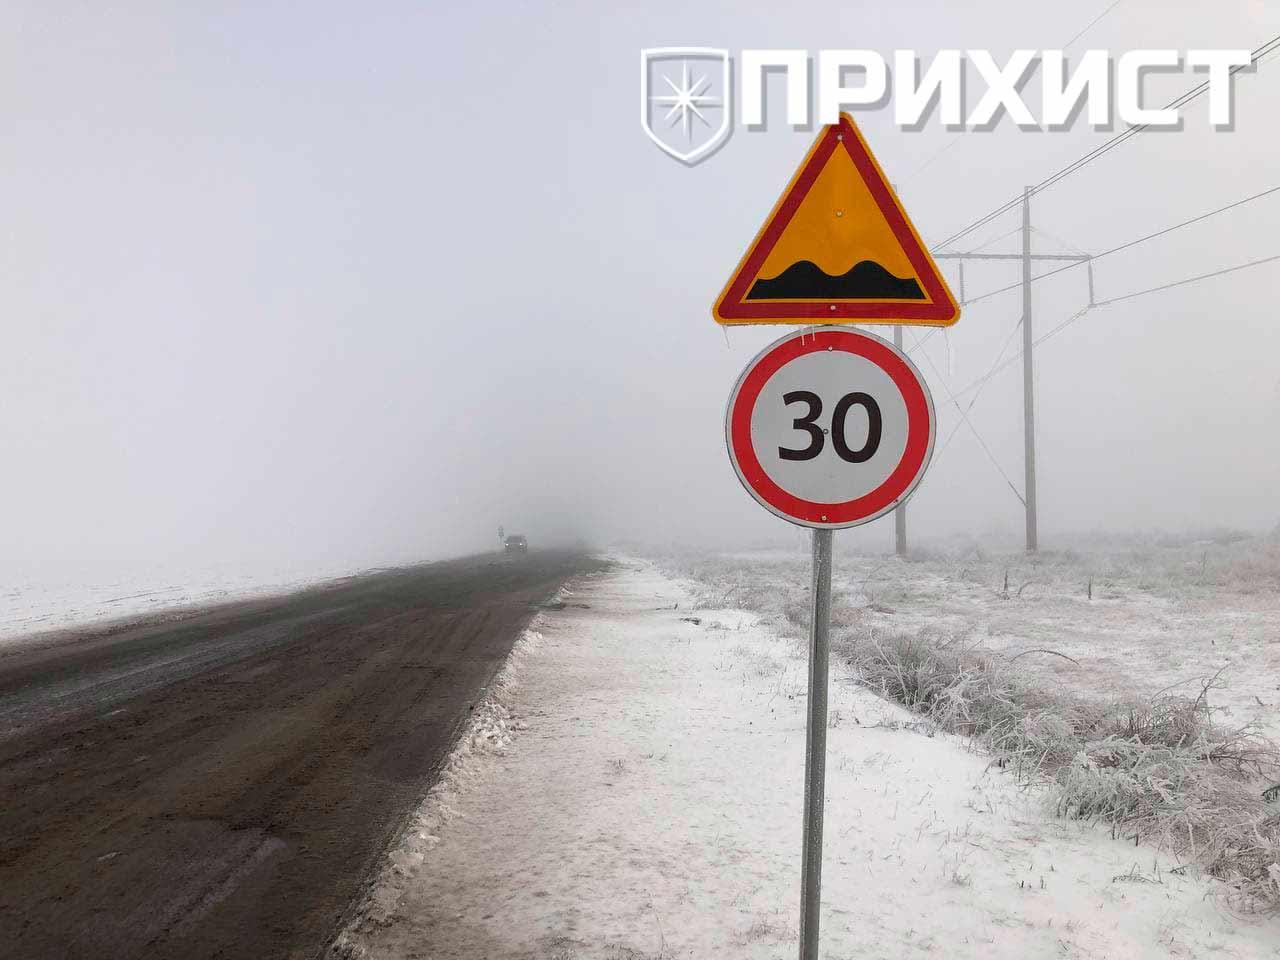 Объездная дорога: ямы, грязь и неубранный снег | Прихист